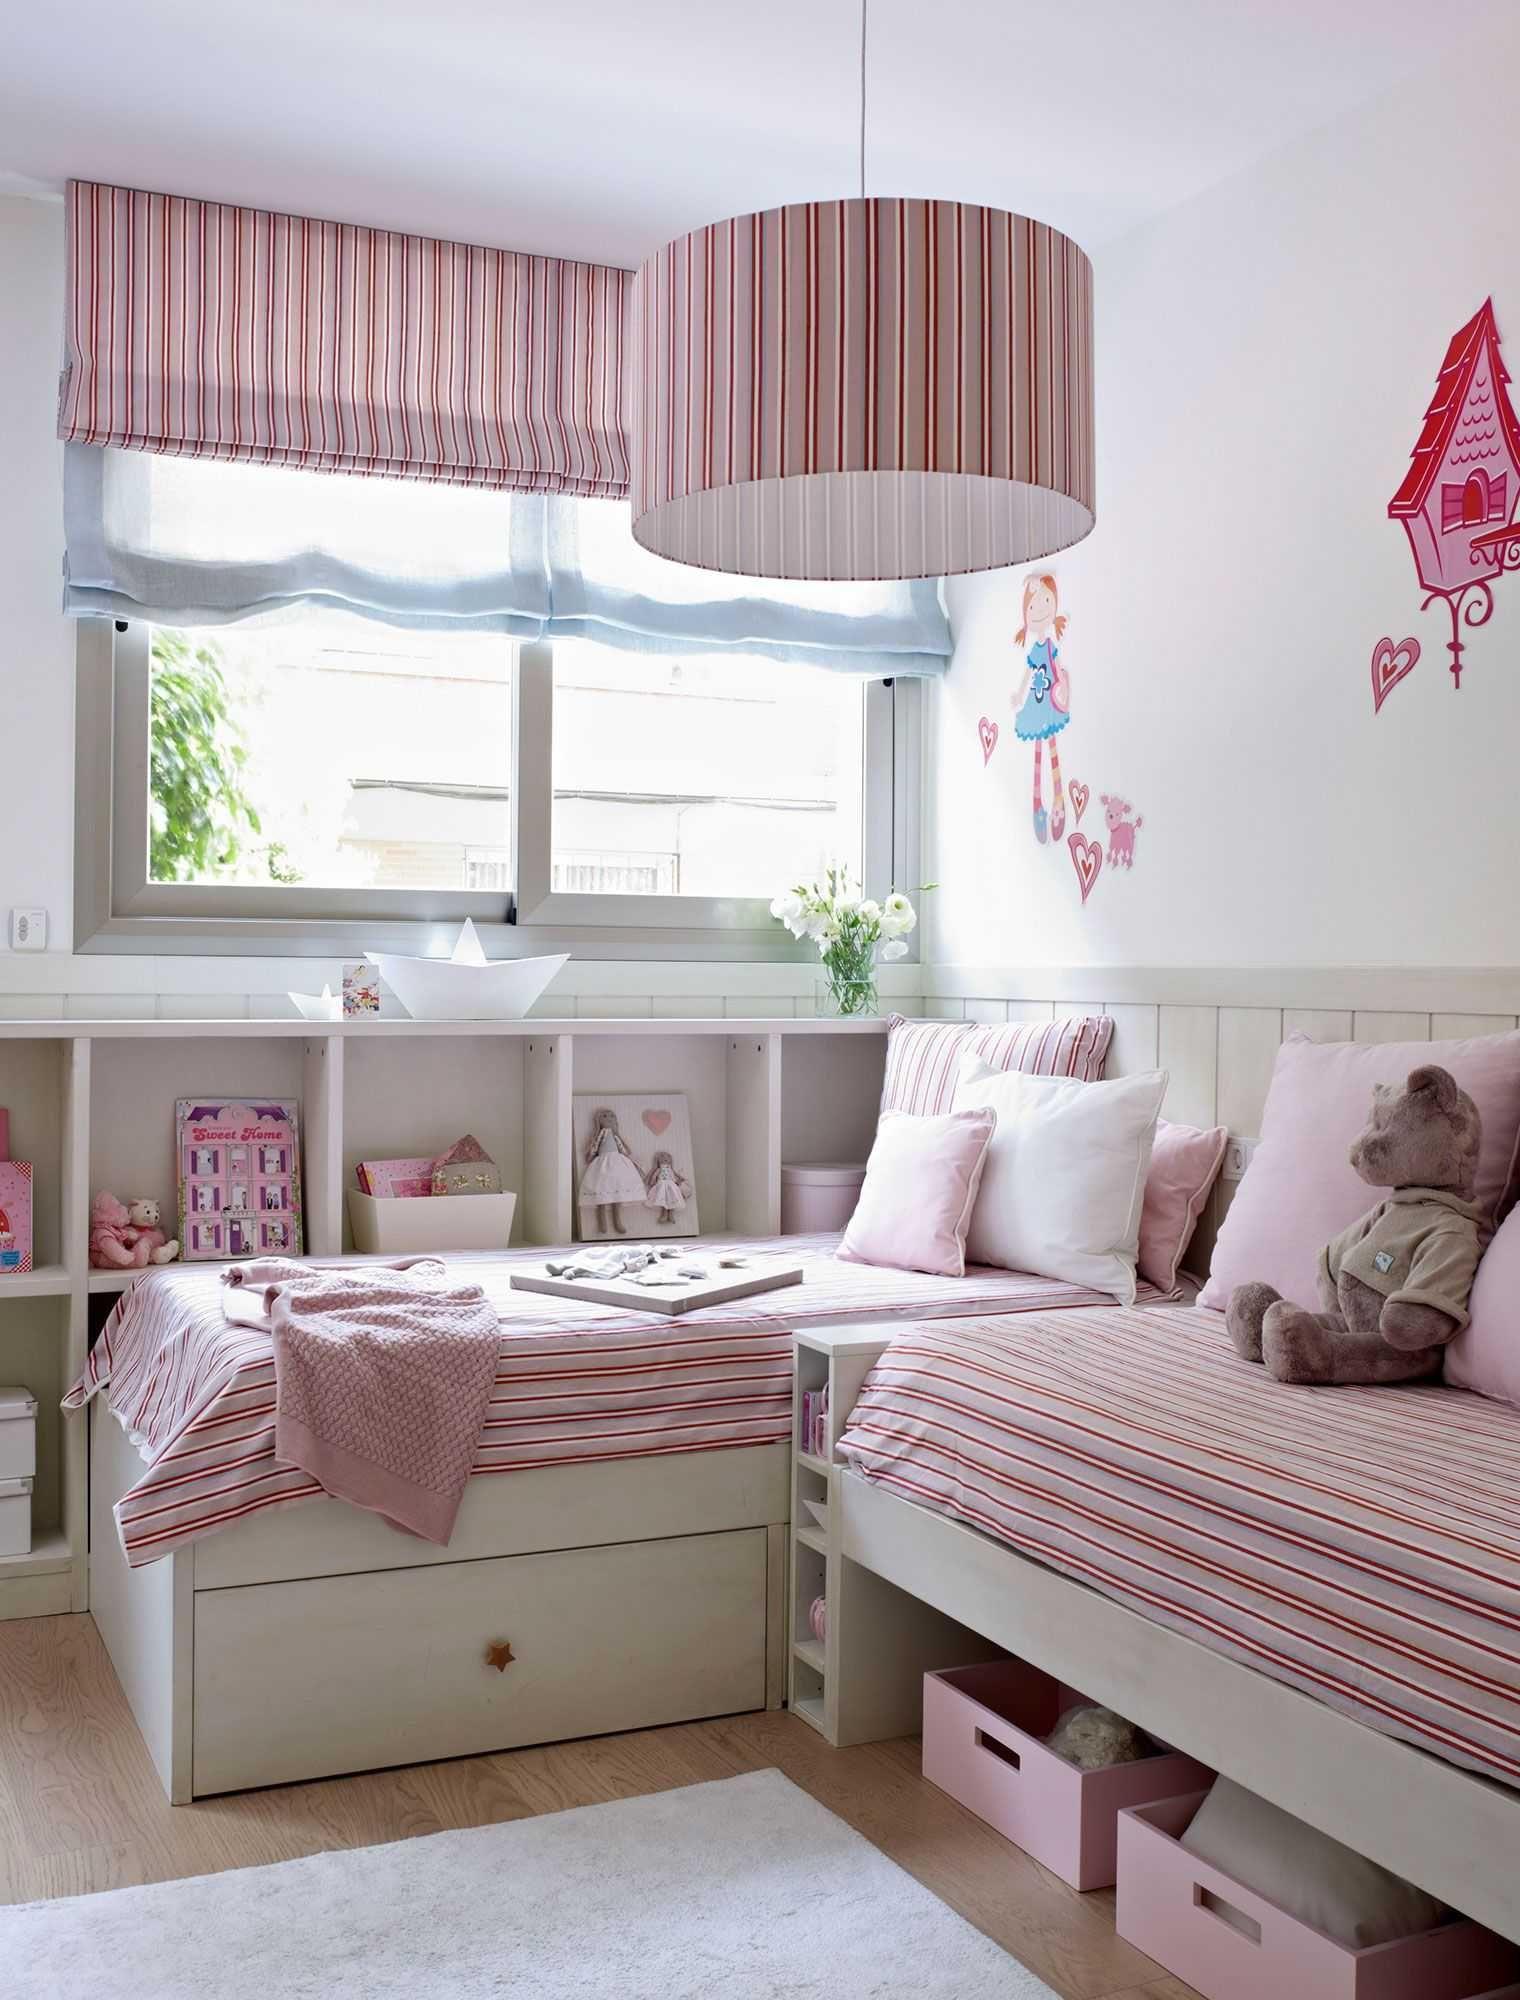 Como poner dos camas en una habitacion peque a imagenes - Muebles para habitacion pequena ...